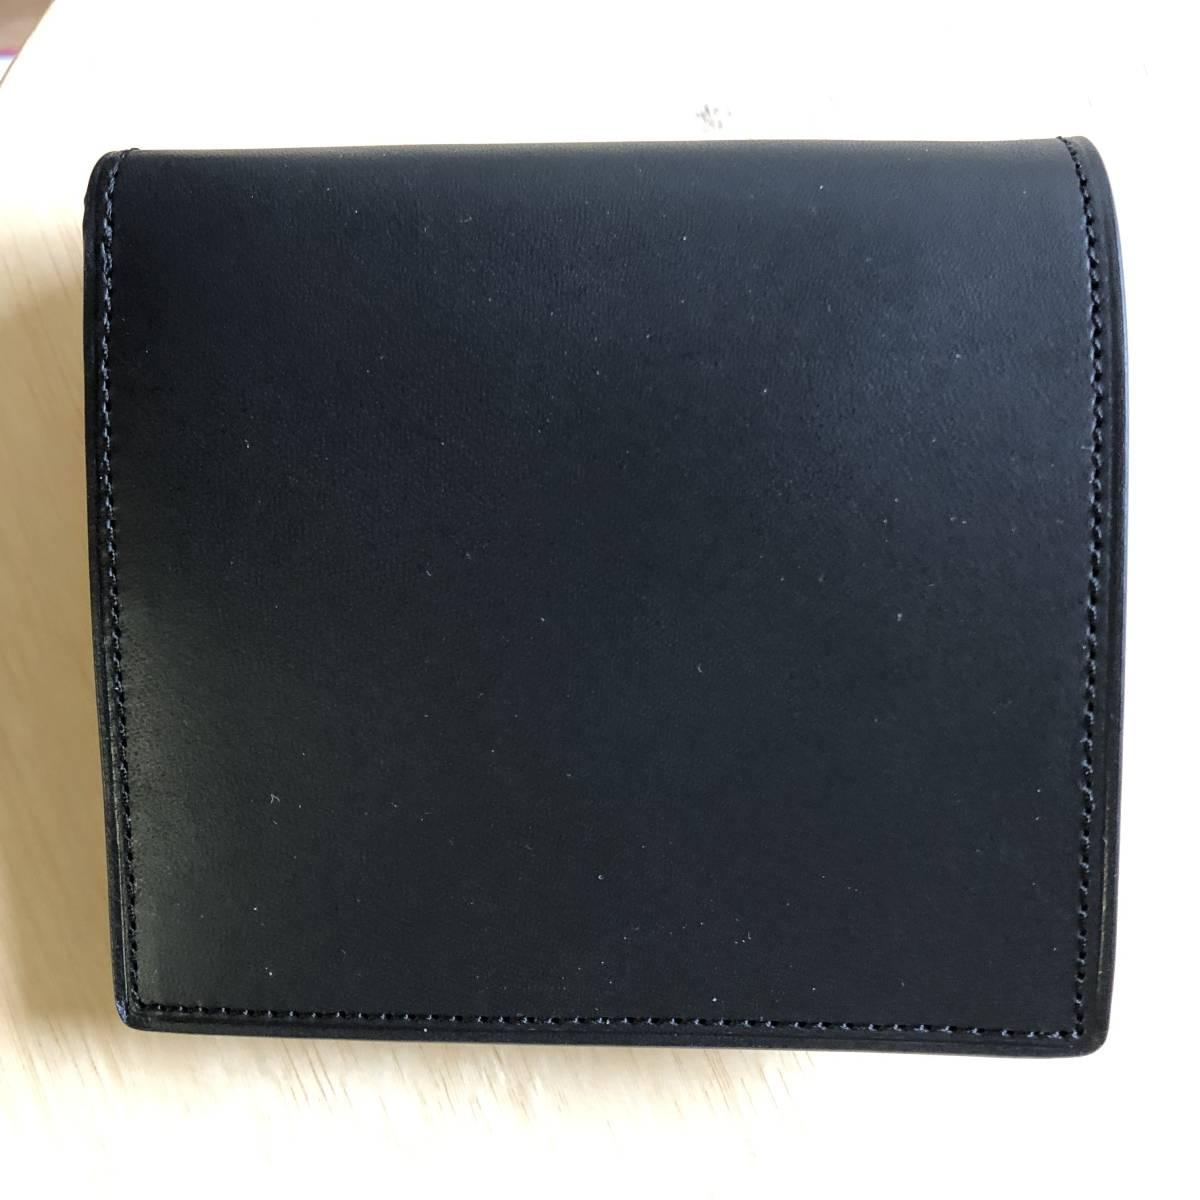 父の日のプレゼントに 無印良品 二つ折り財布 イタリア産ヌメ革 コインポケット付 黒 新品未使用_画像6